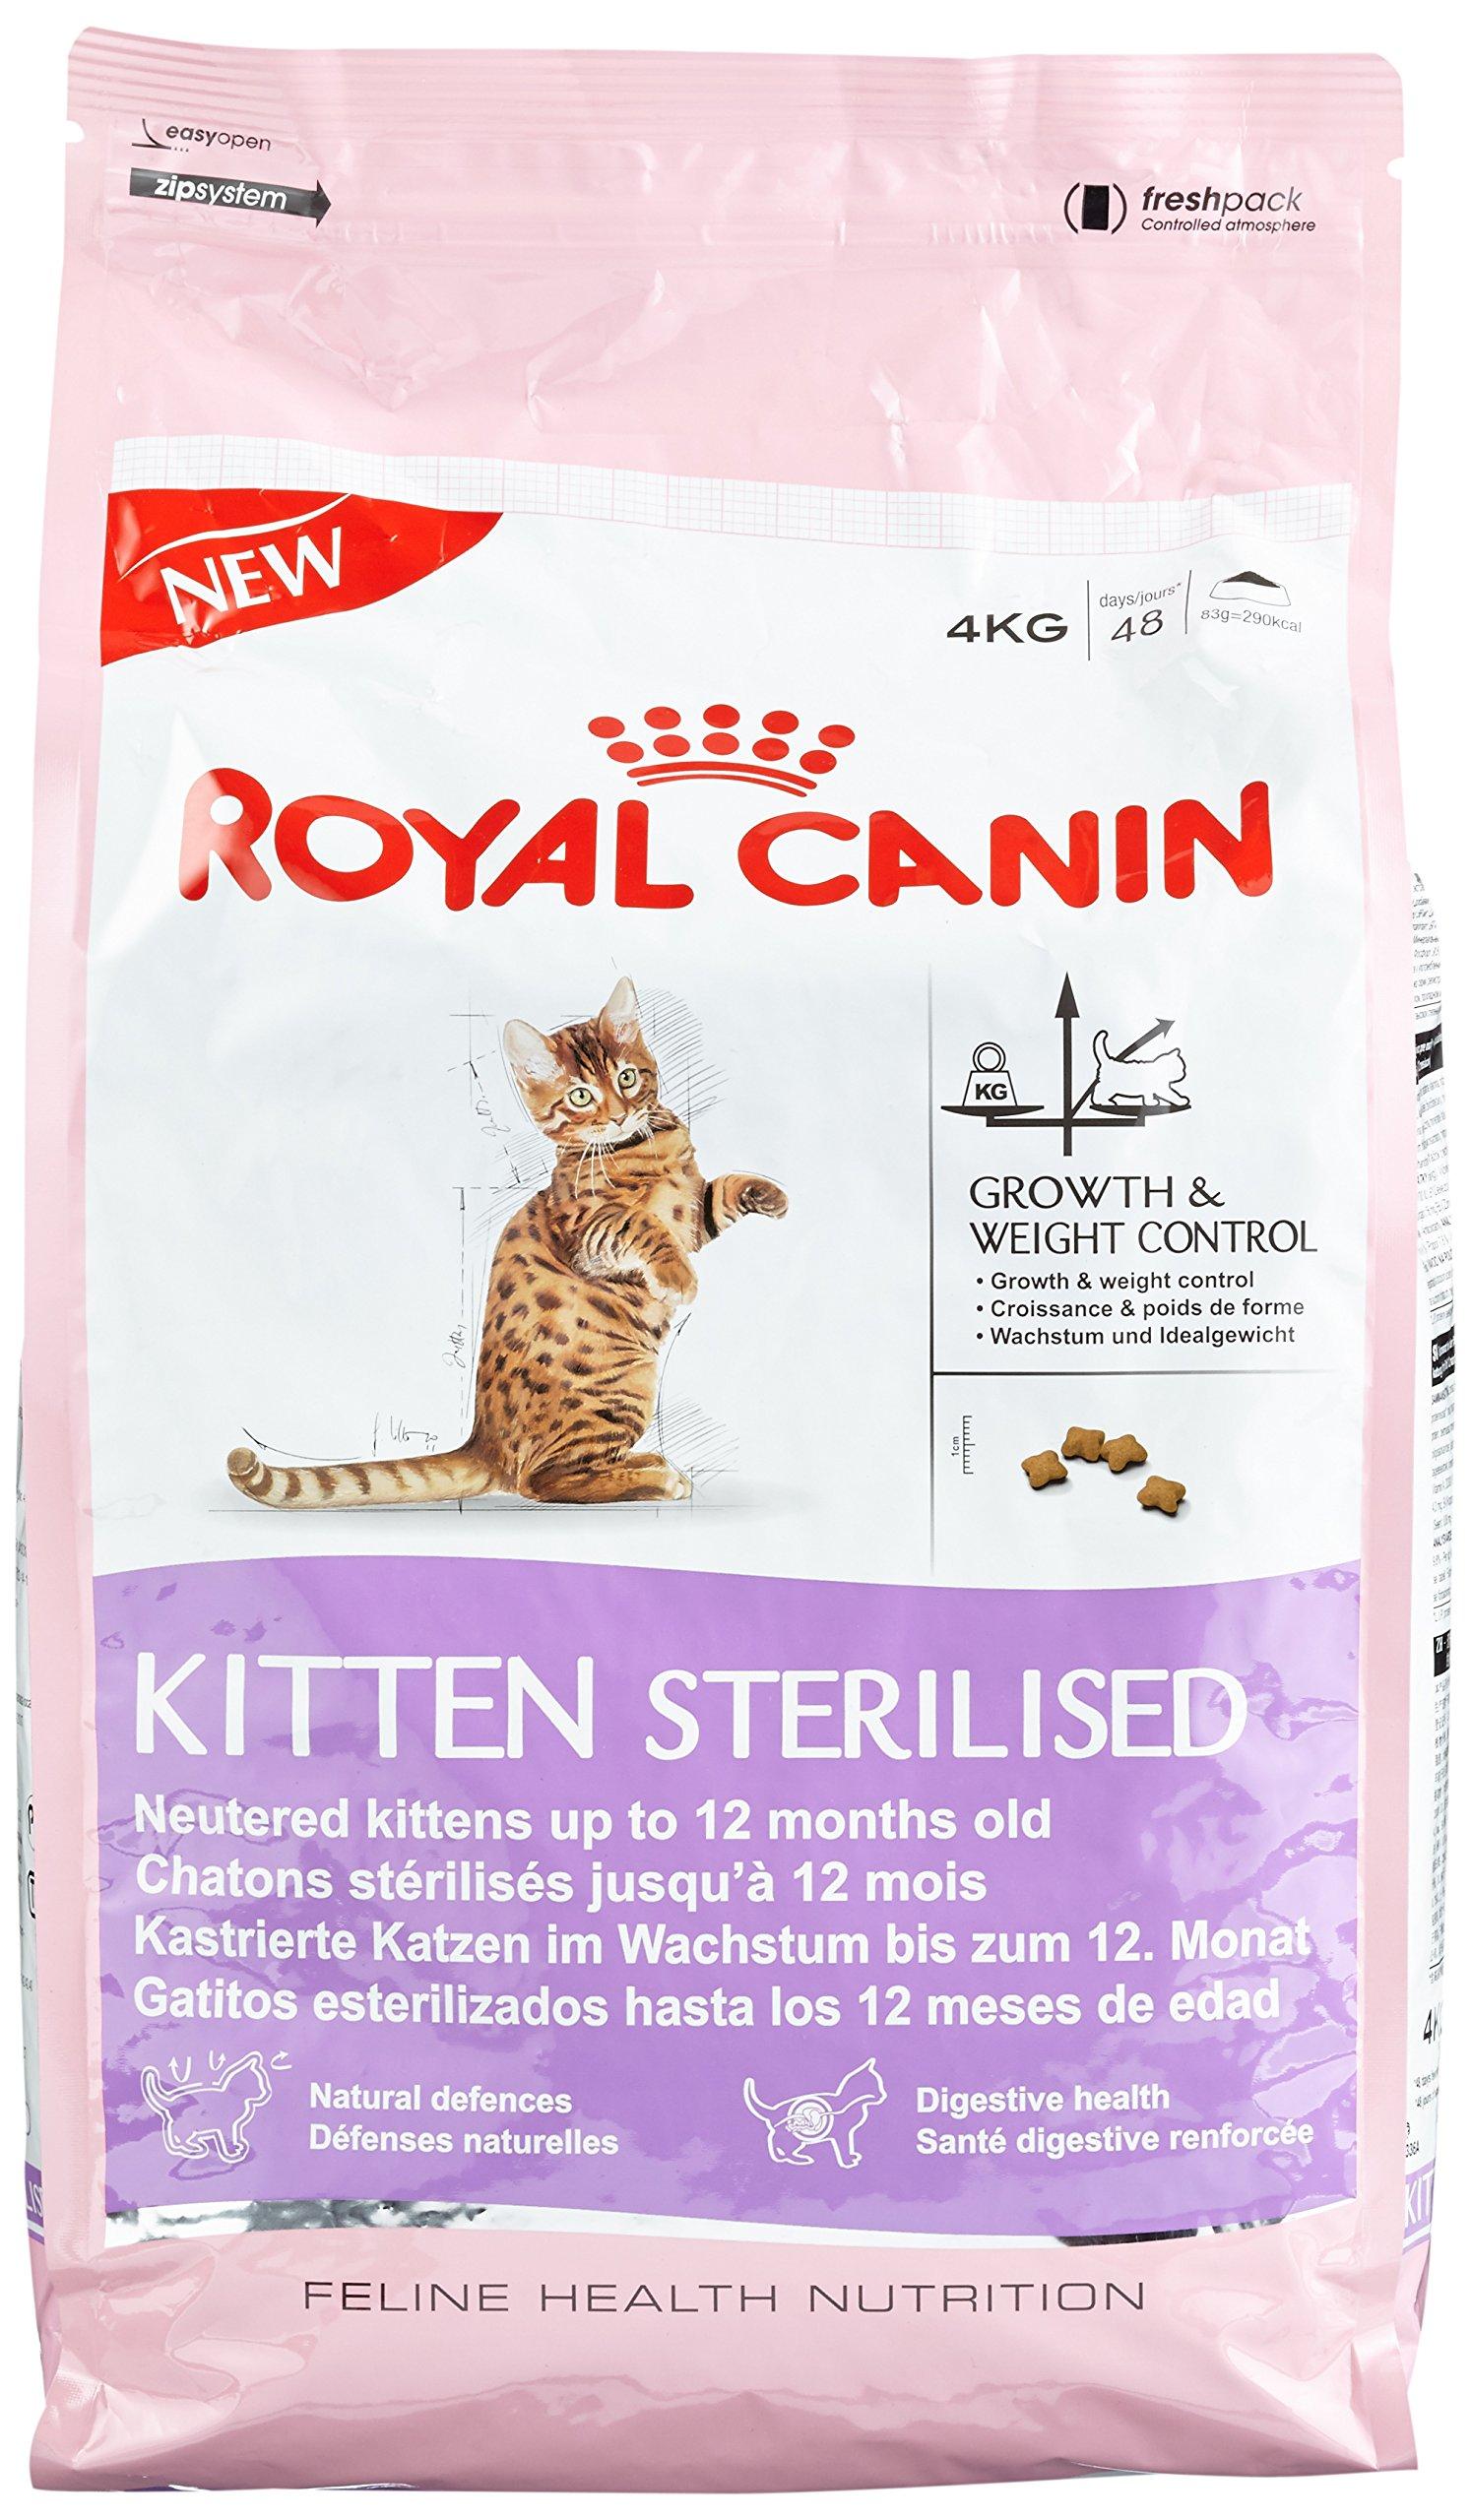 Royal Canin Comida para gatos Kitten Sterilised 4 Kg product image